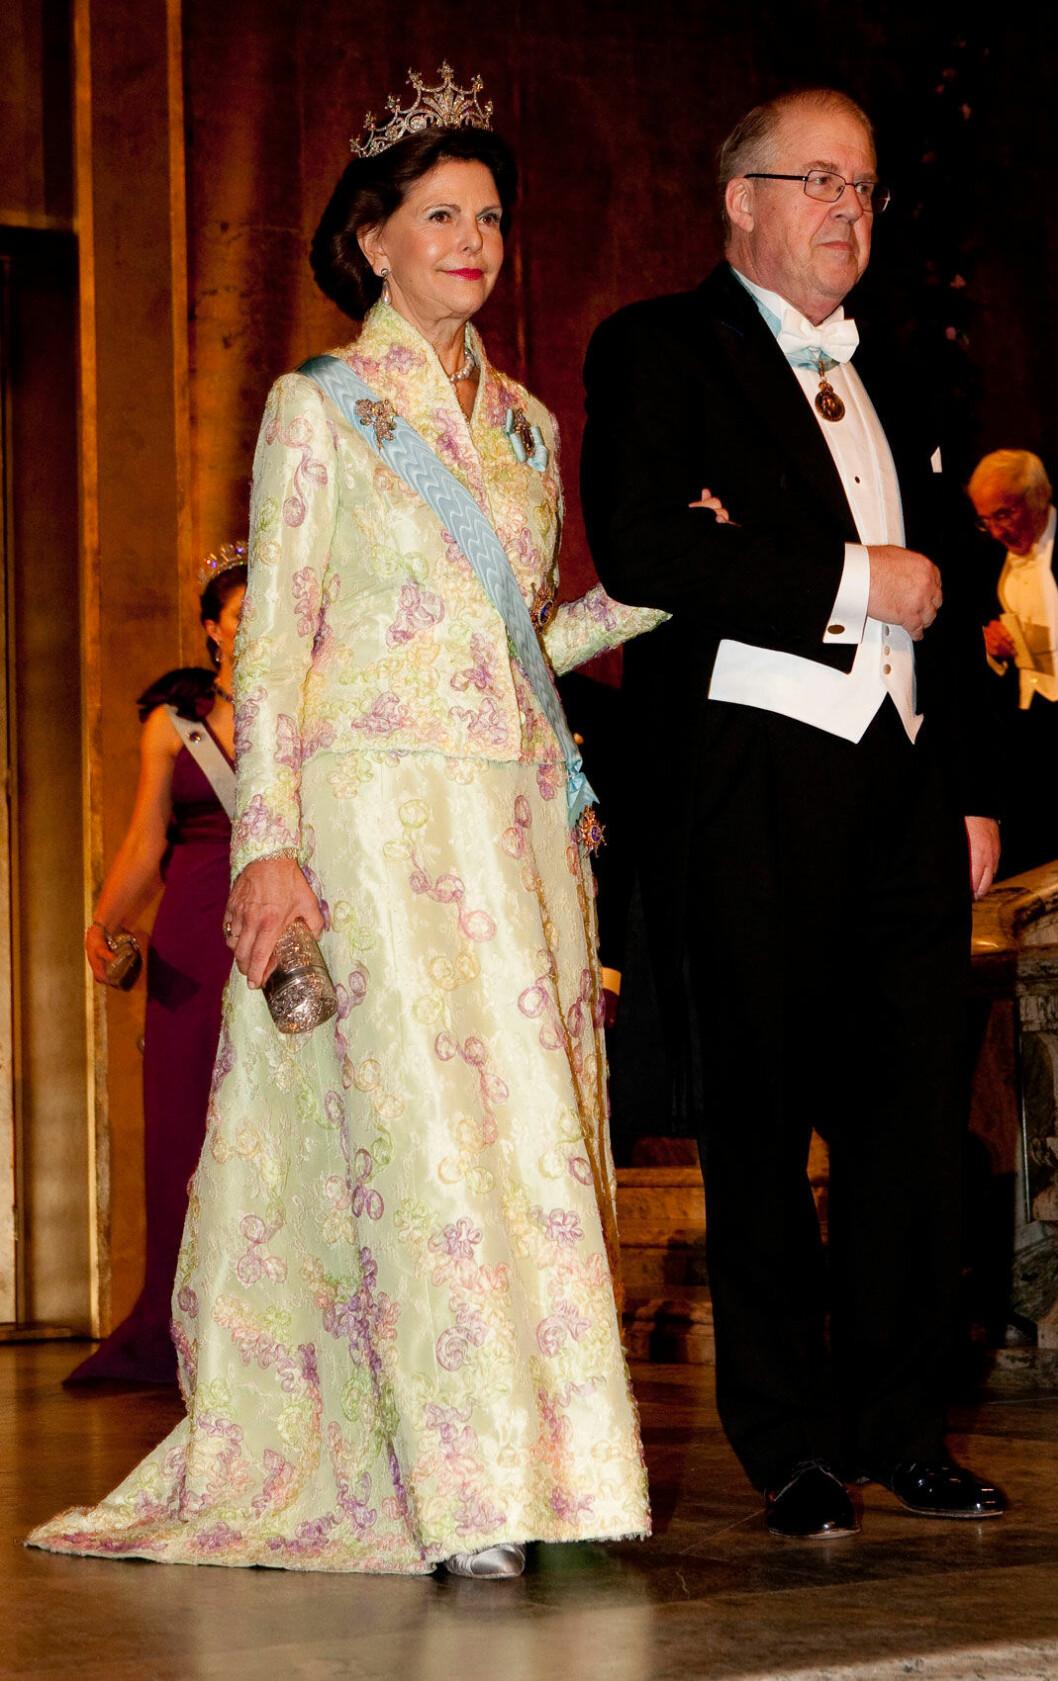 2009 En tvådelad galastass som användes första gången vid det danska kronprinsbröllopet 2004